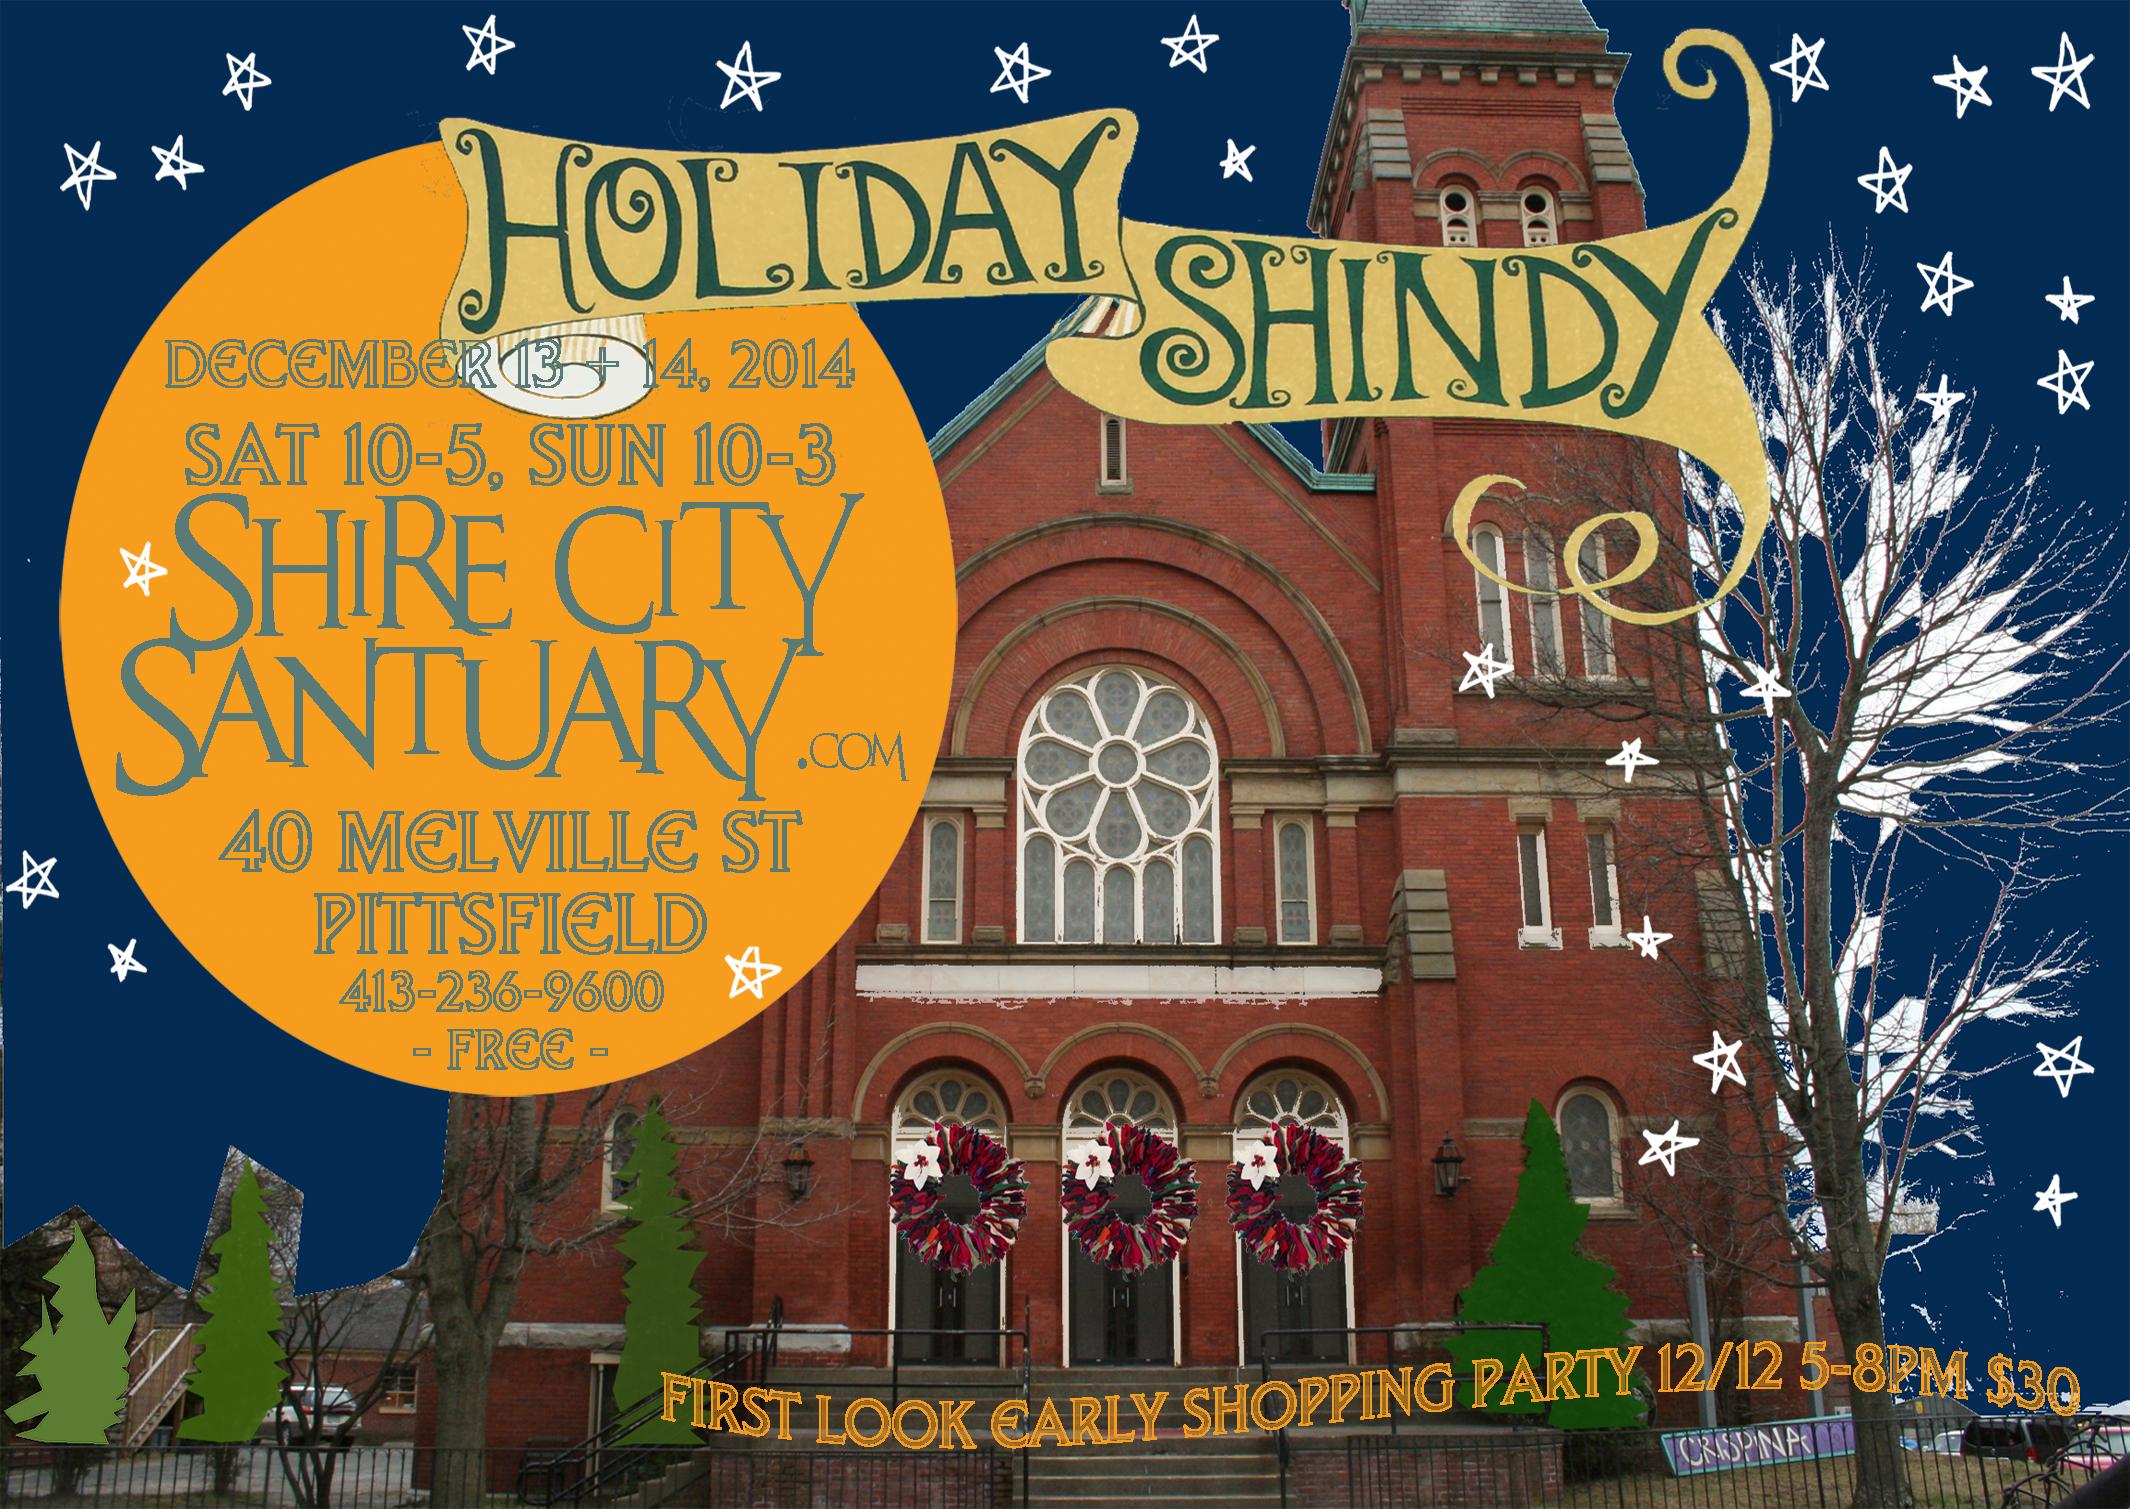 Holiday Shindy 2014 Postcard